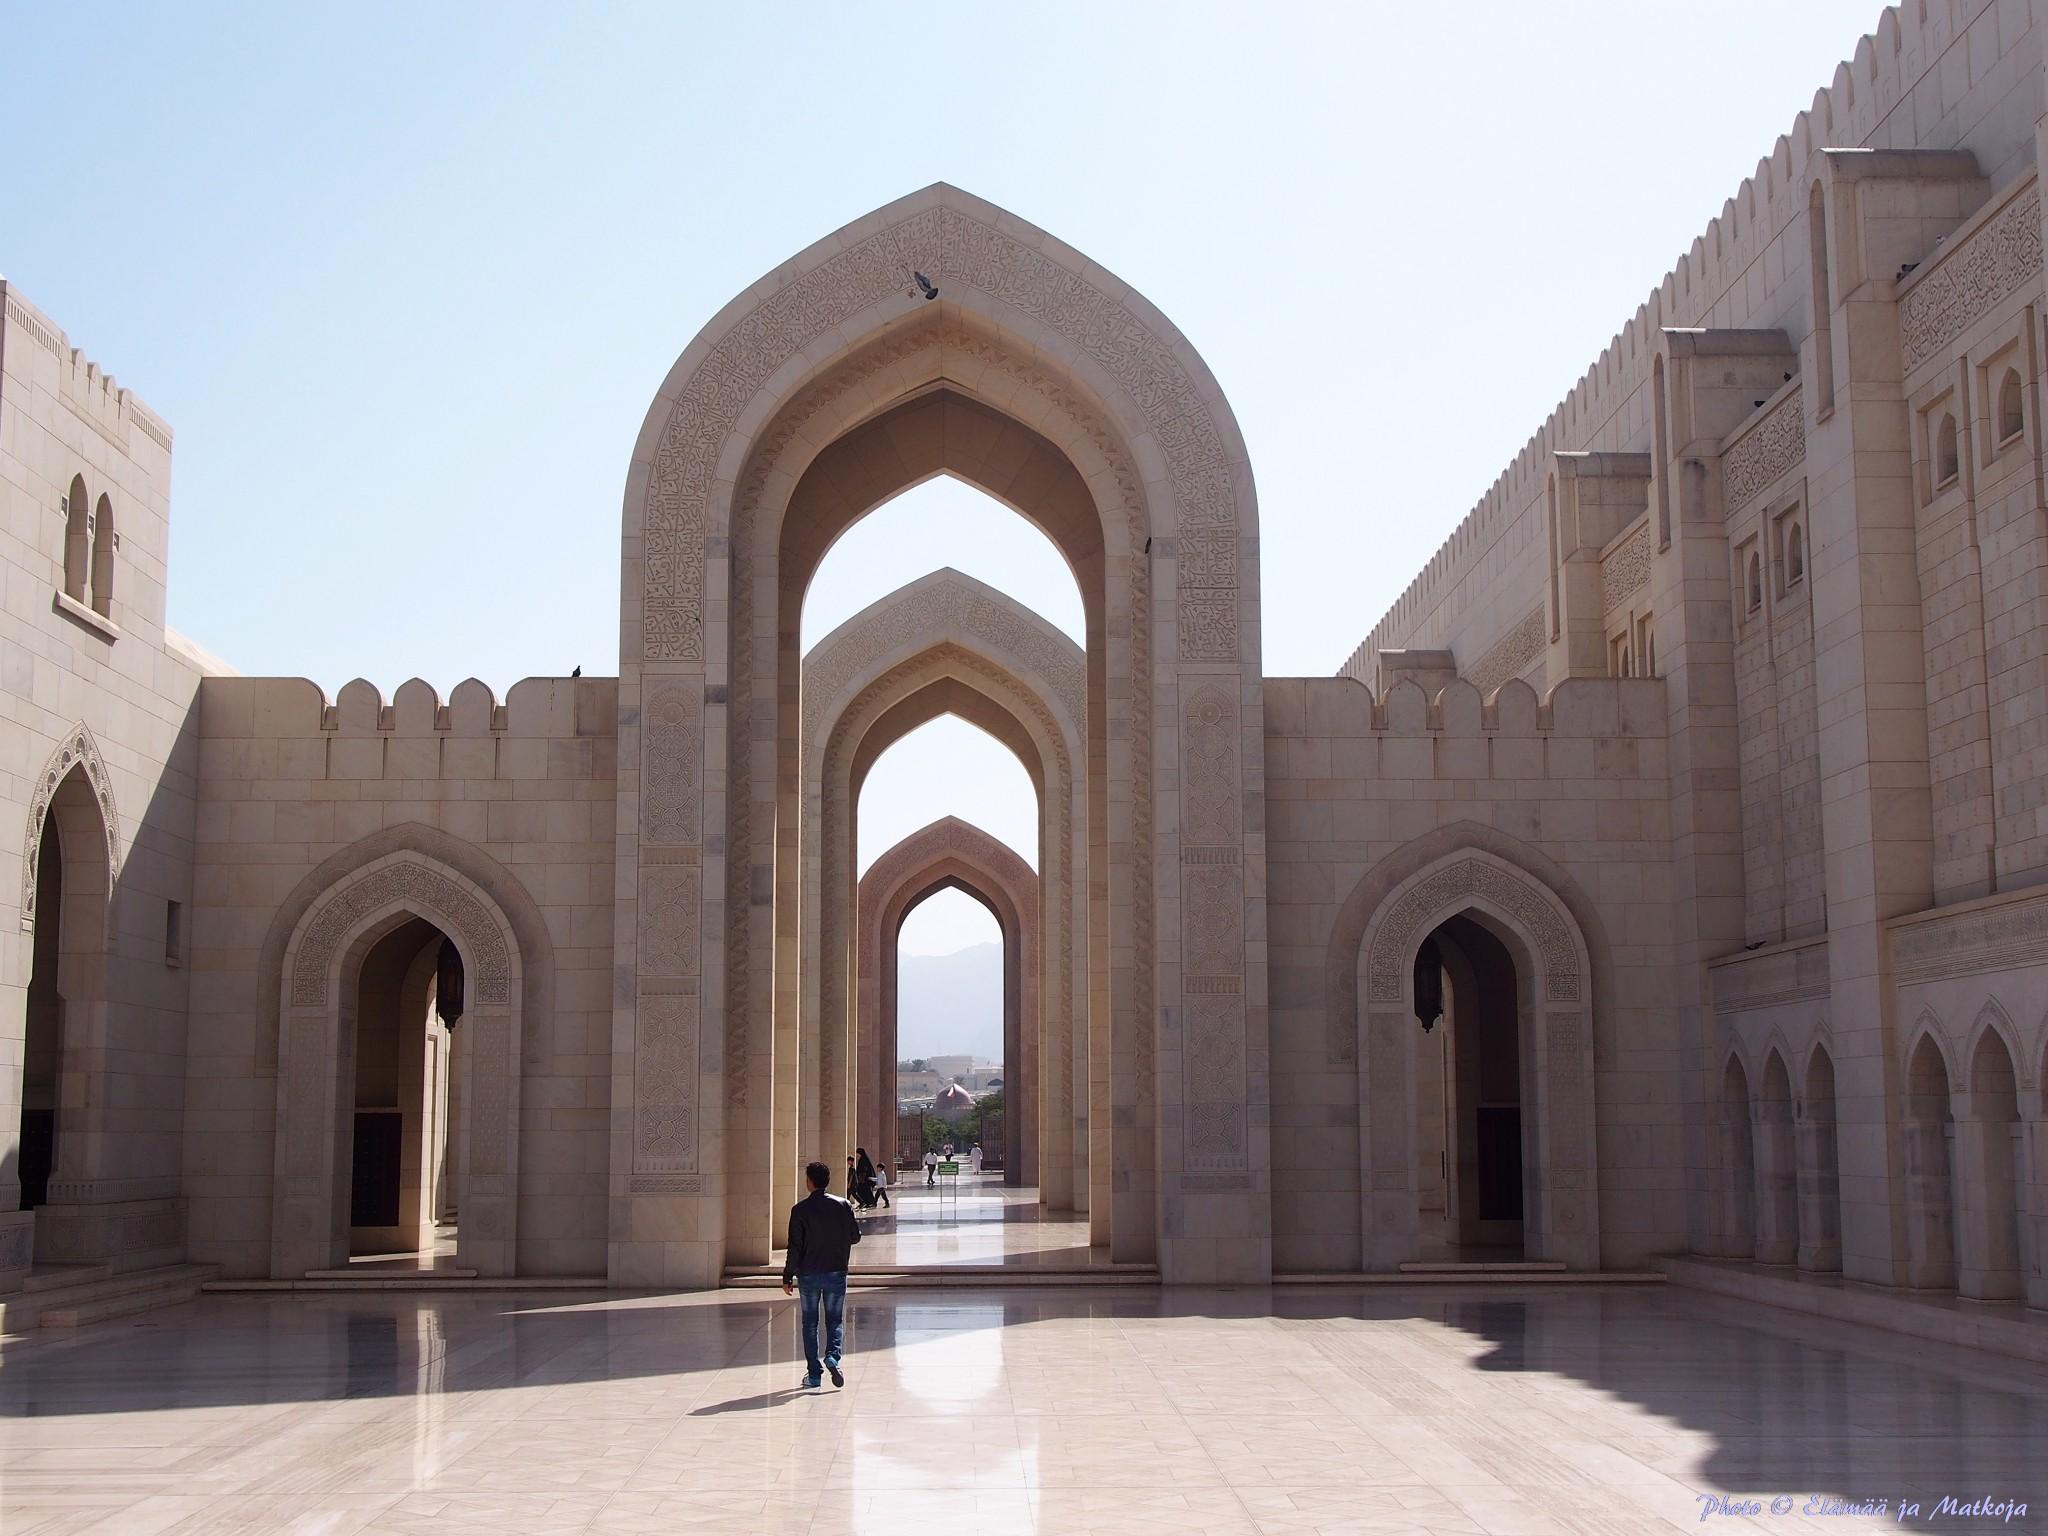 Sultan Qaboos suurmoskeija Oman 2 Photo © Elämää ja Matkoja